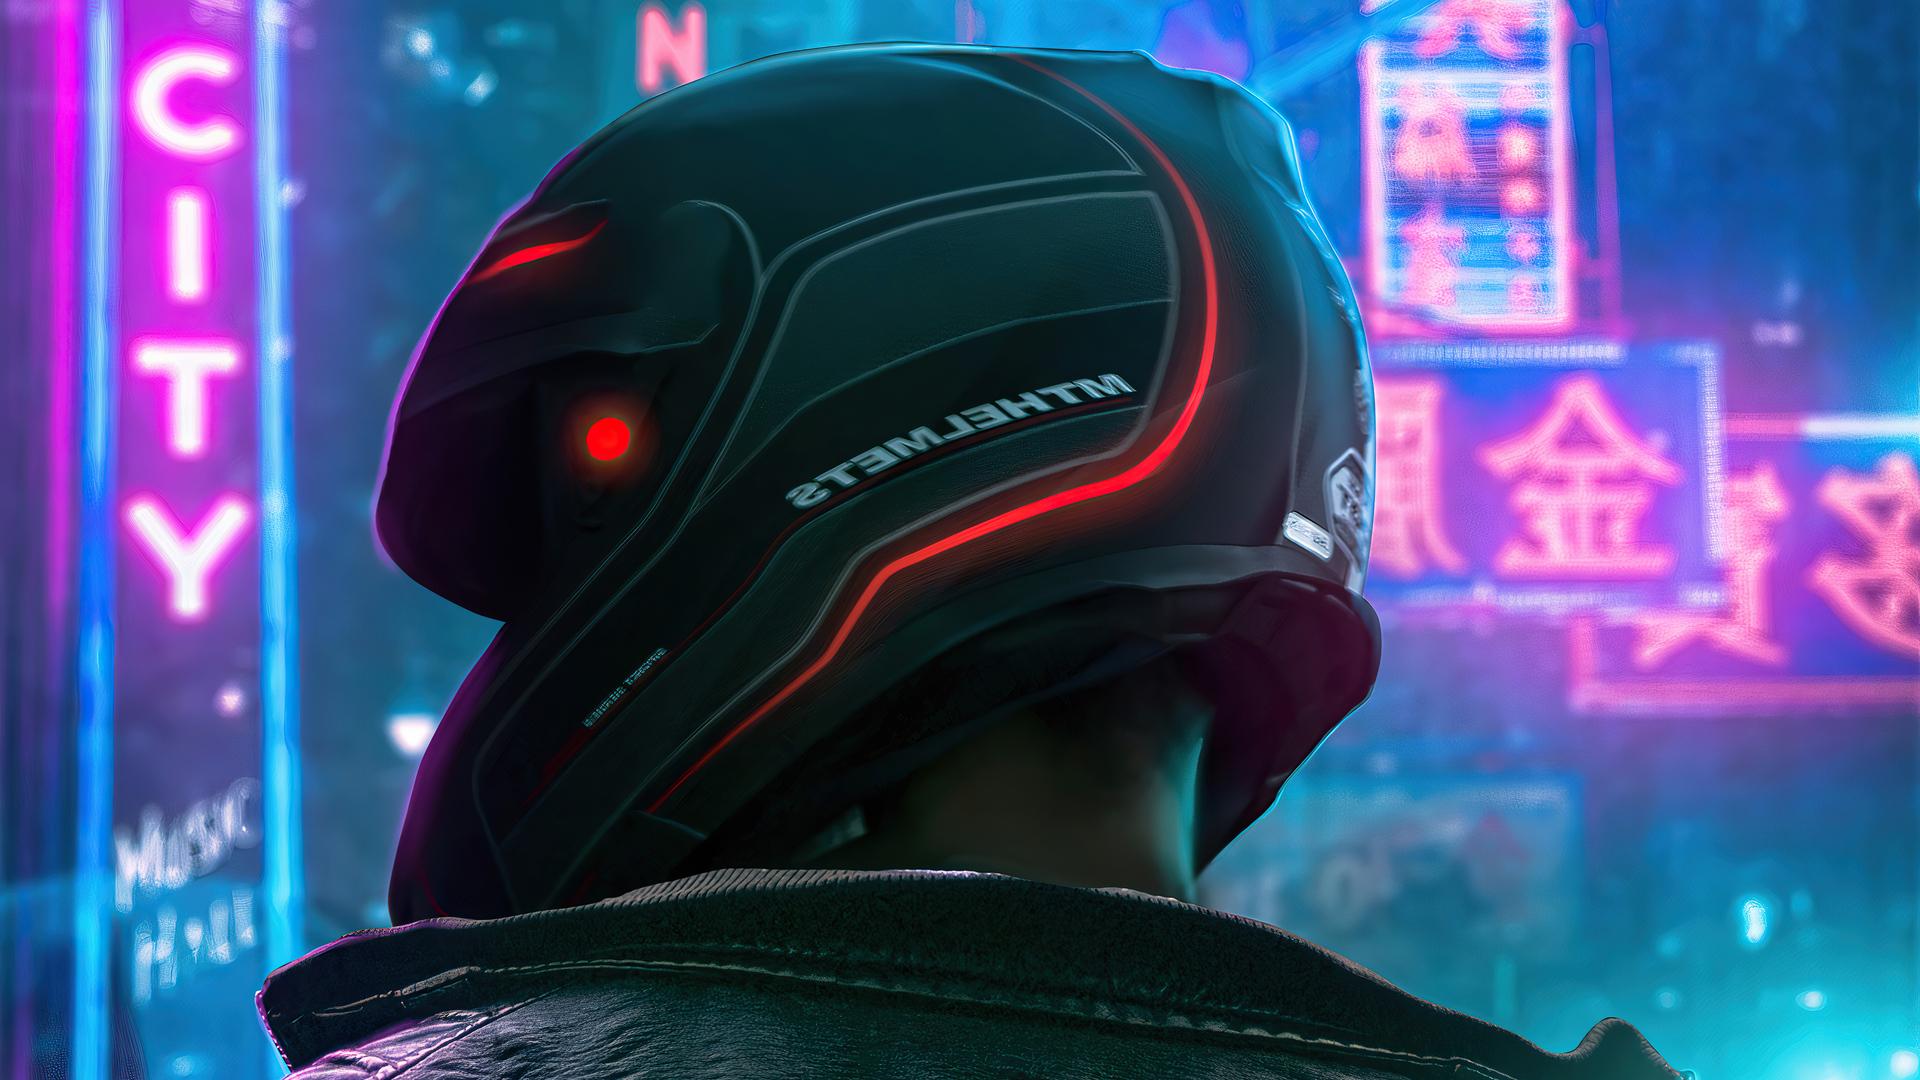 biker-looking-back-4k-nb.jpg